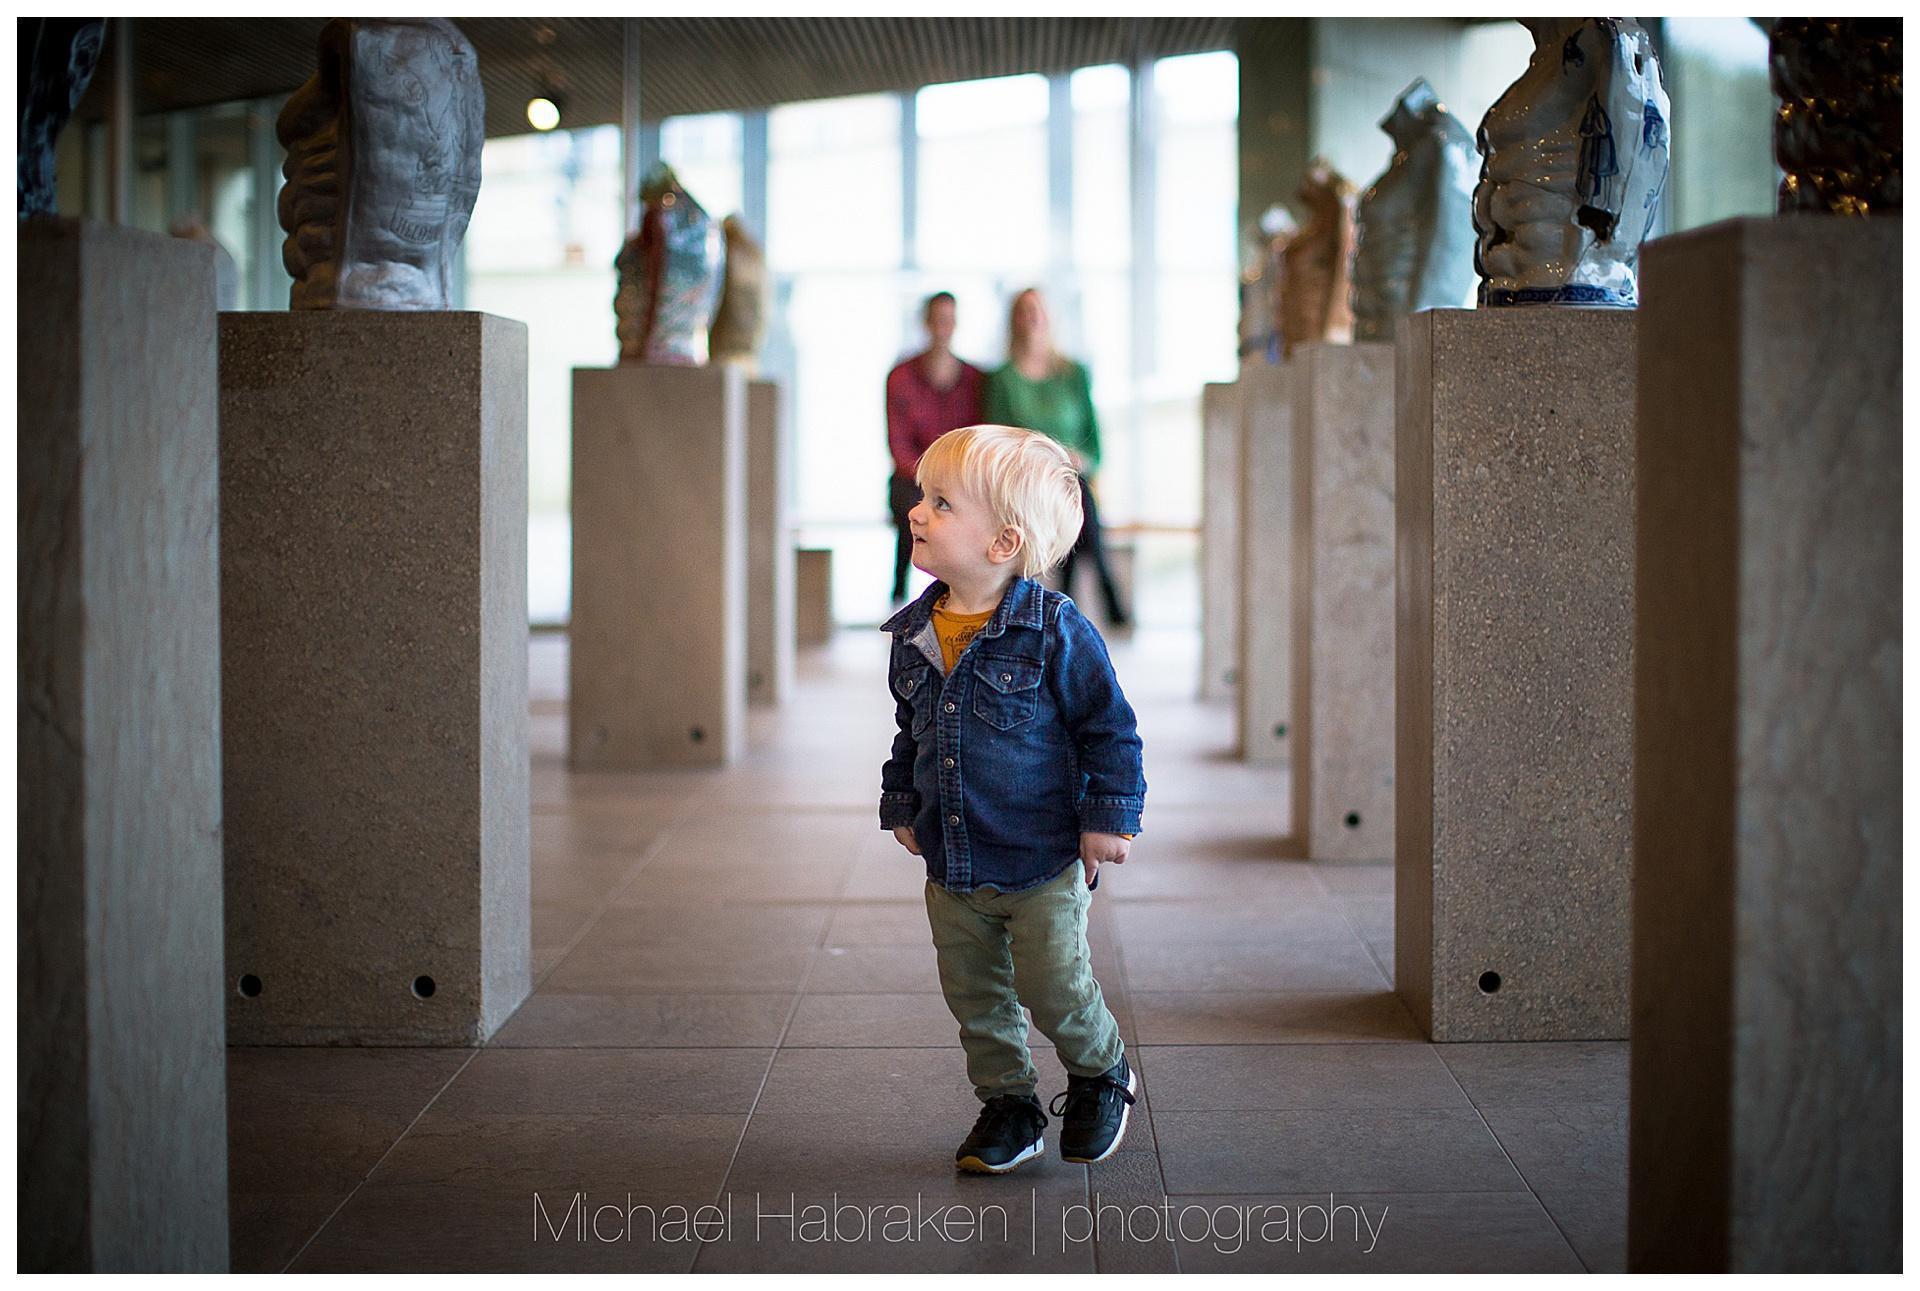 michael.habraken.photography-famileshoot-beelden-aan-zee (1 van 1)-1.jpg